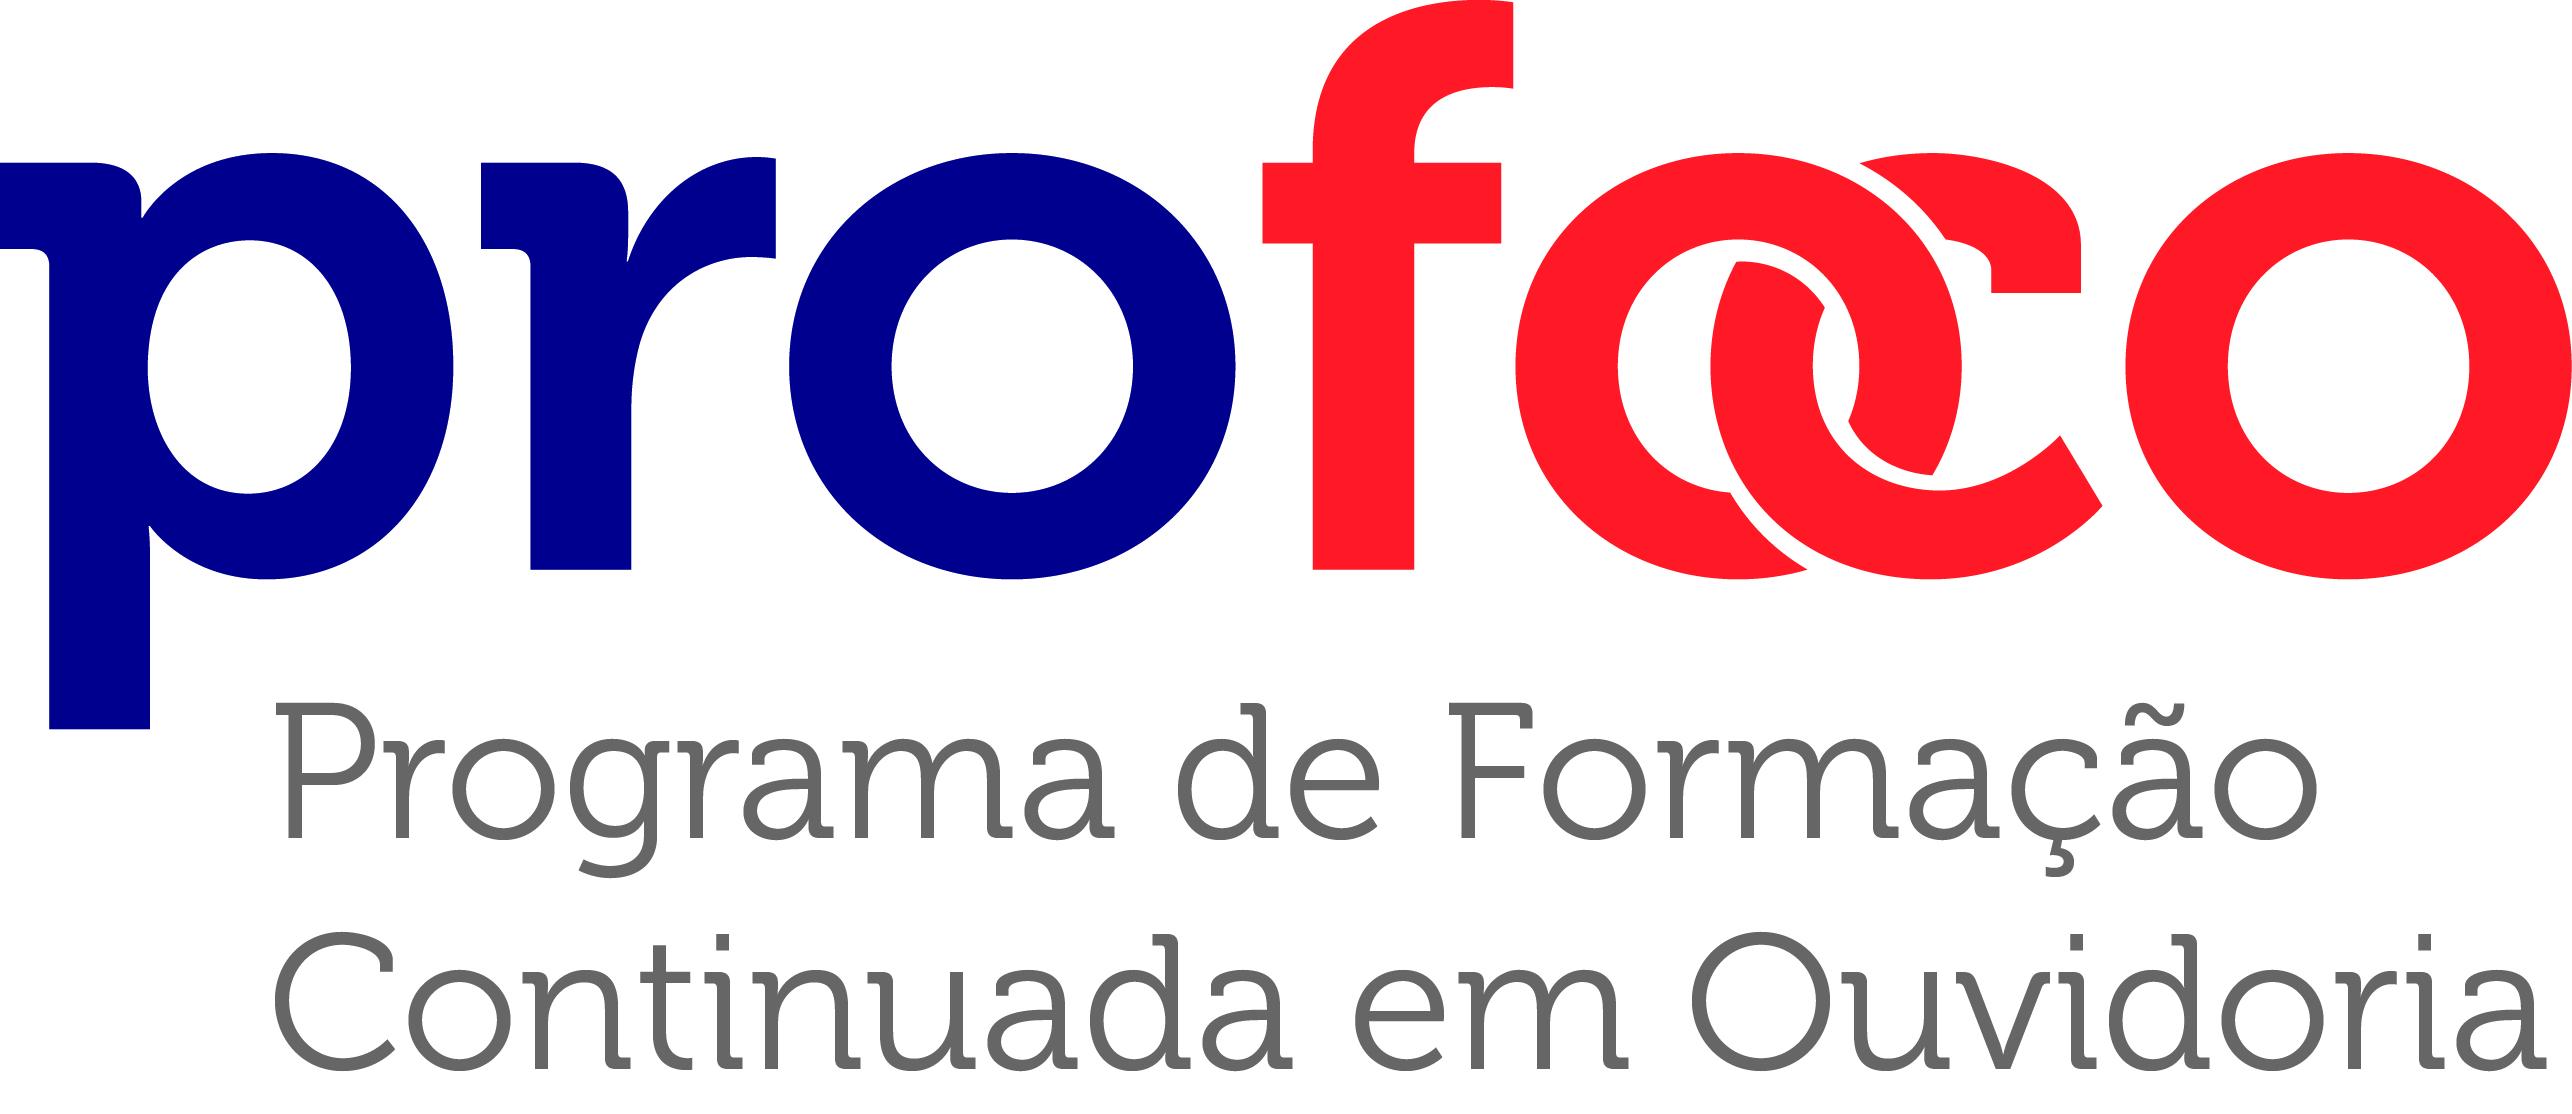 Curso Defesa do Usuário e Simplificação, no período de 2 a 4 de outubro de 2018, na cidade de Rio Branco/AC